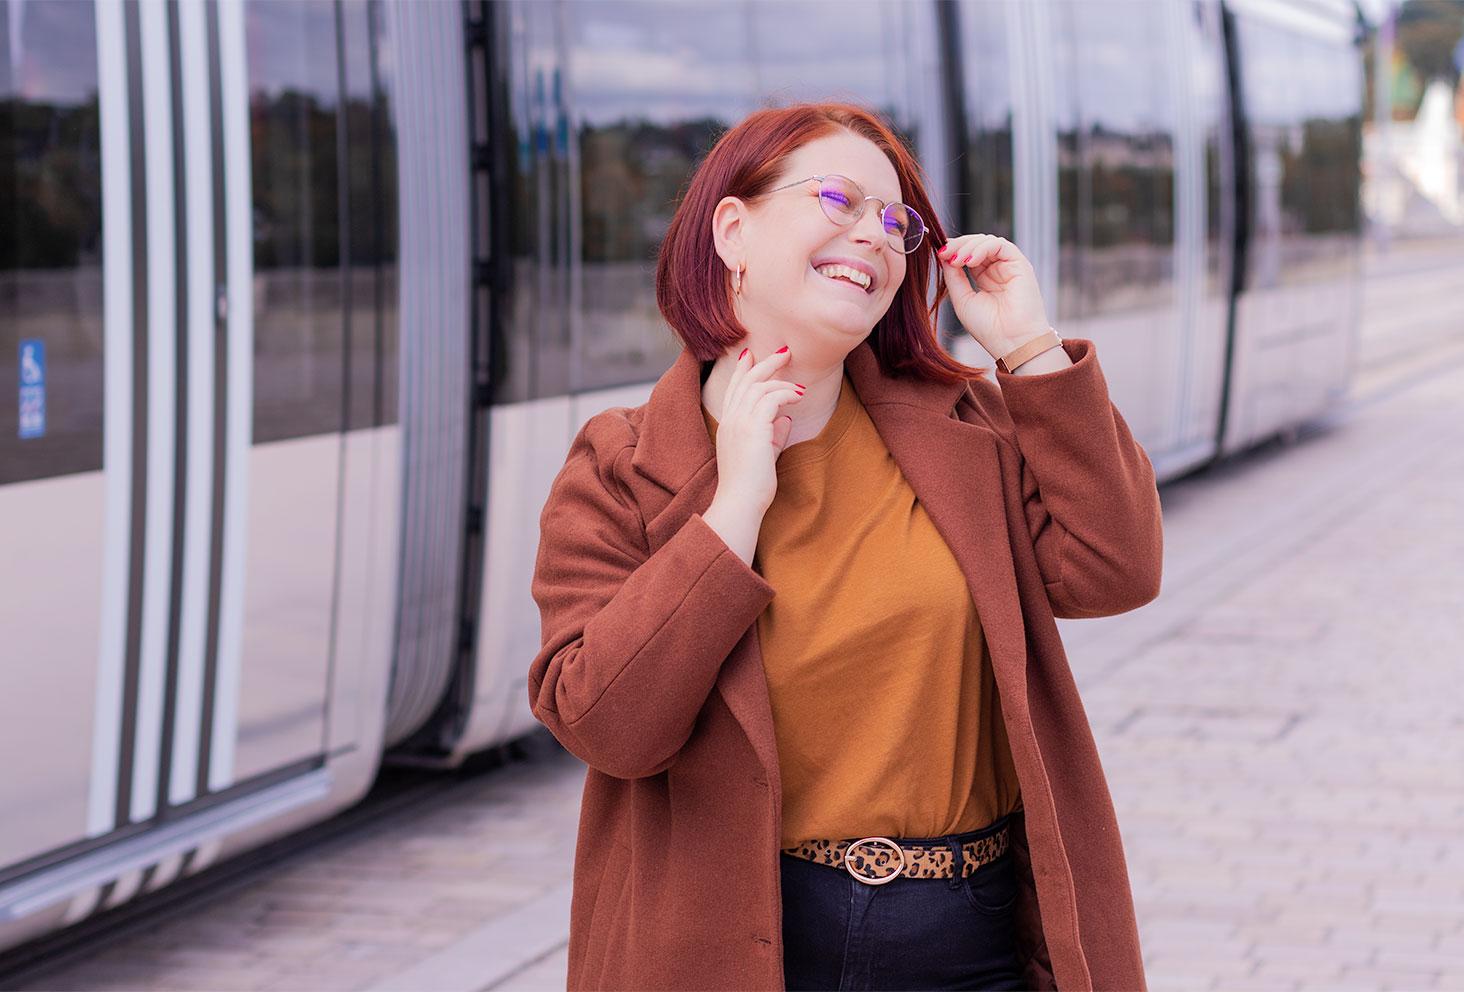 Devant le tramway en marche avec le sourire, une main dans le cou et l'autre dans les cheveux, un manteau marron long sur les épaules